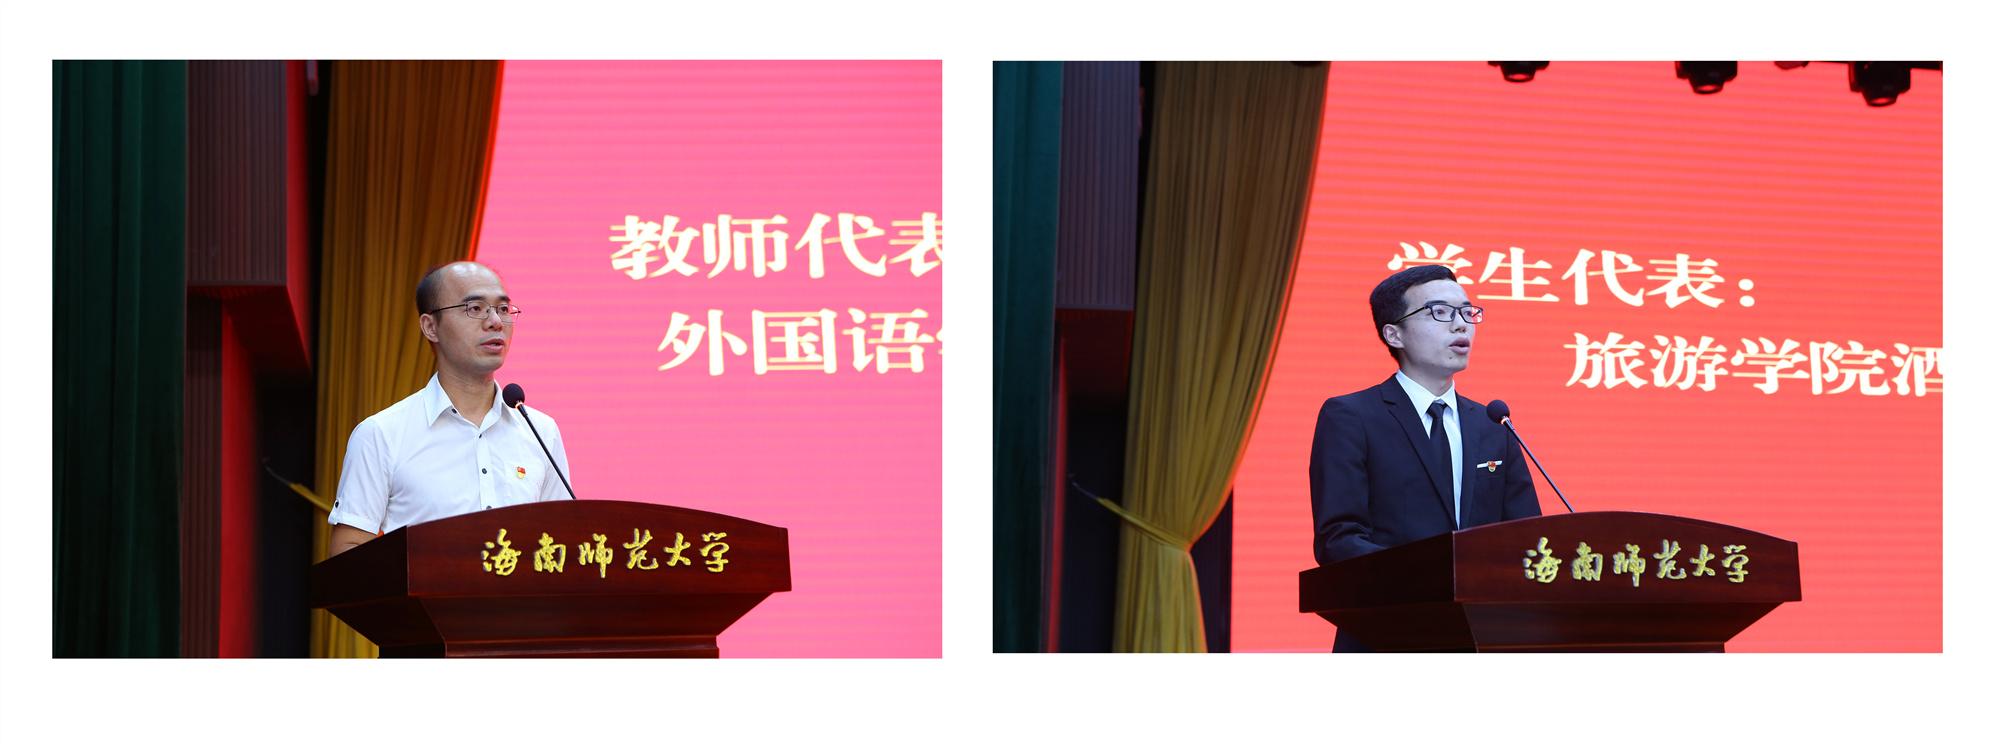 李红梅强调:弘扬革命传统,牢记初心使命,扛起教育担当